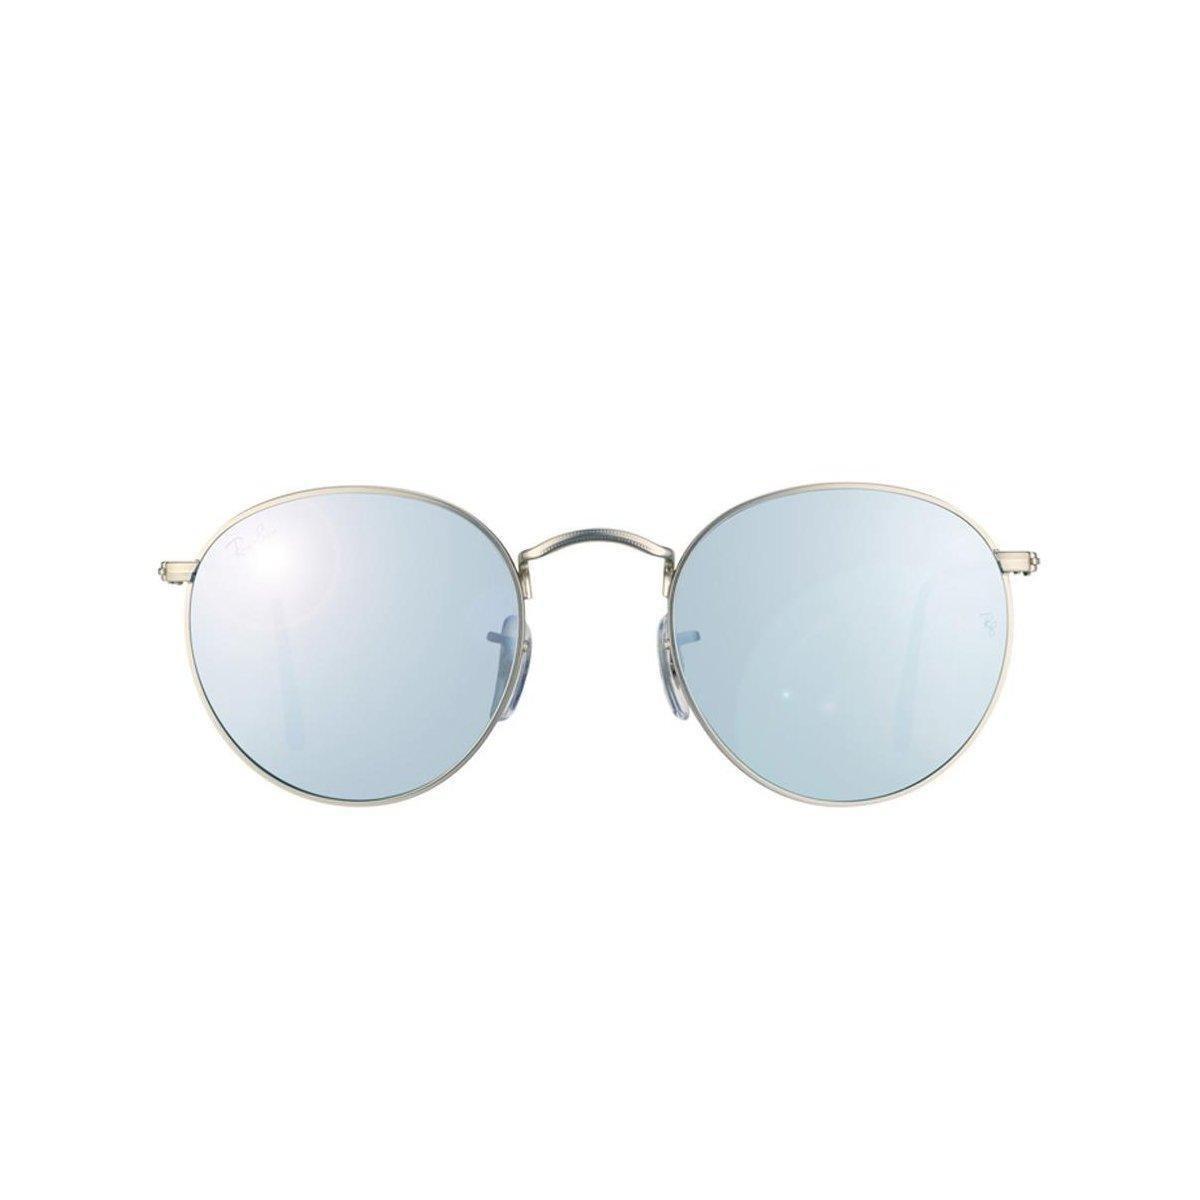 Óculos de Sol Ray Ban Round Metal - Prata - Compre Agora   Zattini 4122a274de